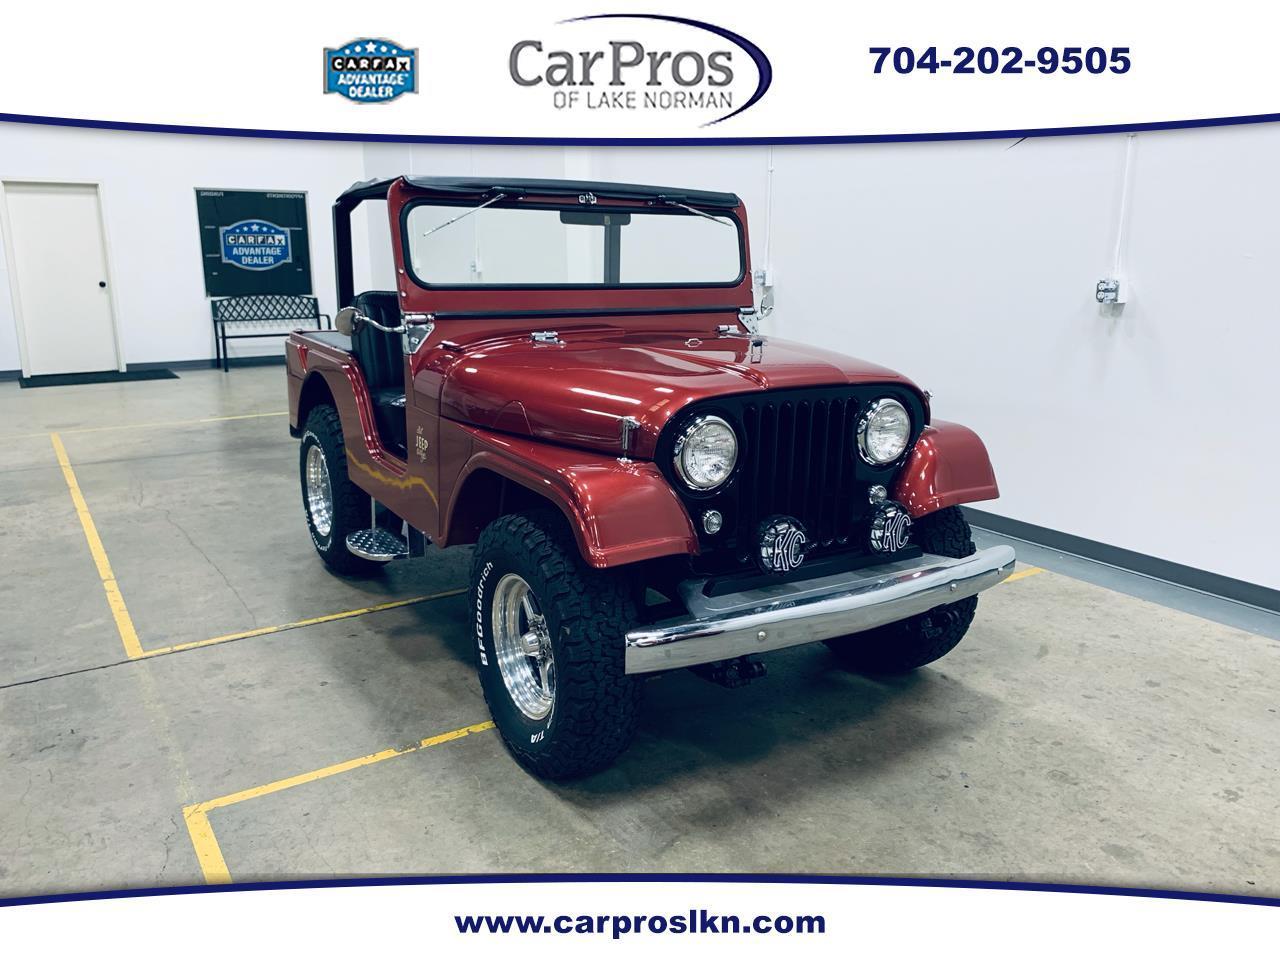 For Sale: 1963 Jeep CJ5 in Mooresville, North Carolina